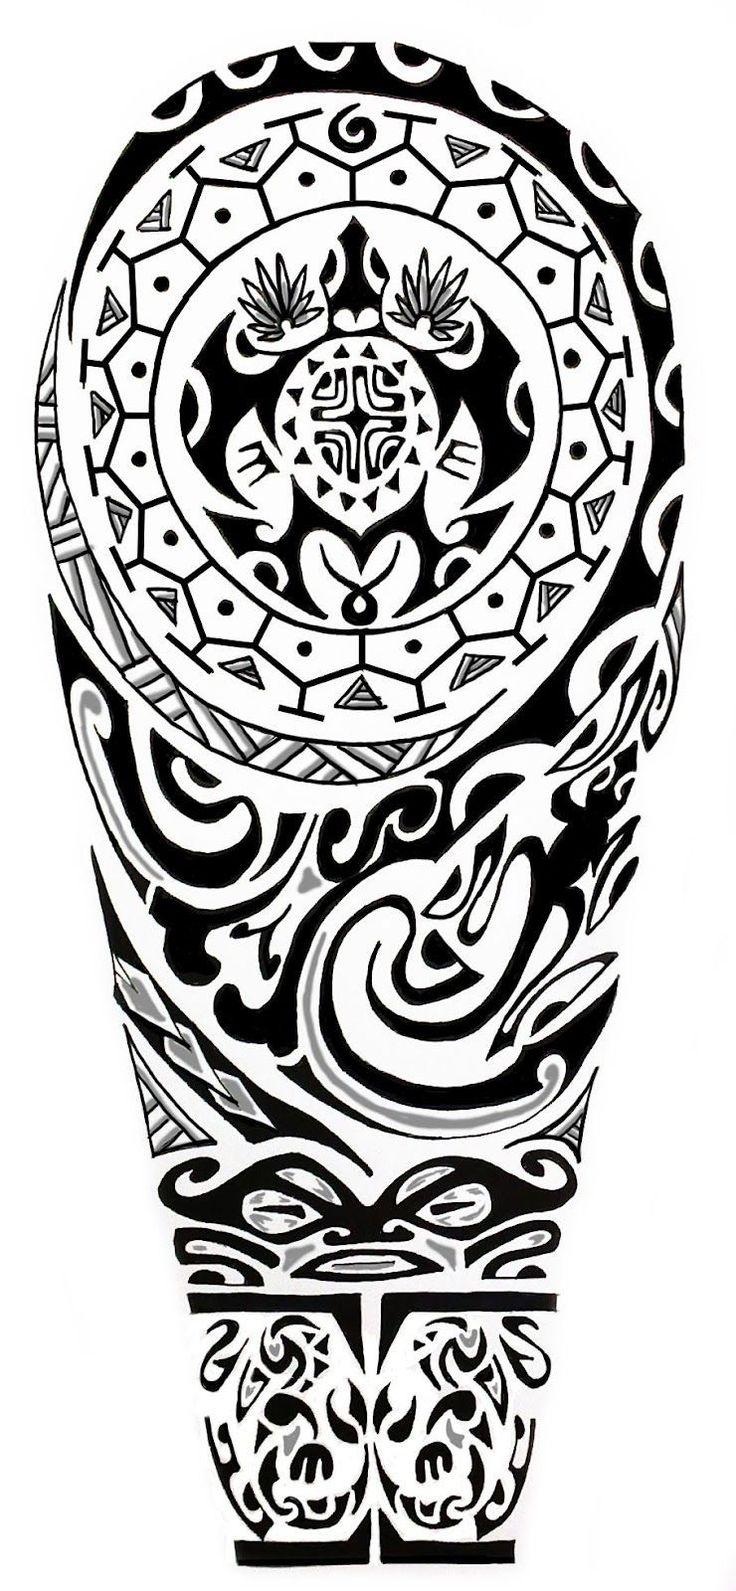 Tatoo kikan #polynesiantattoossleeve #maoritattoosdesigns #maoritattoosturtle